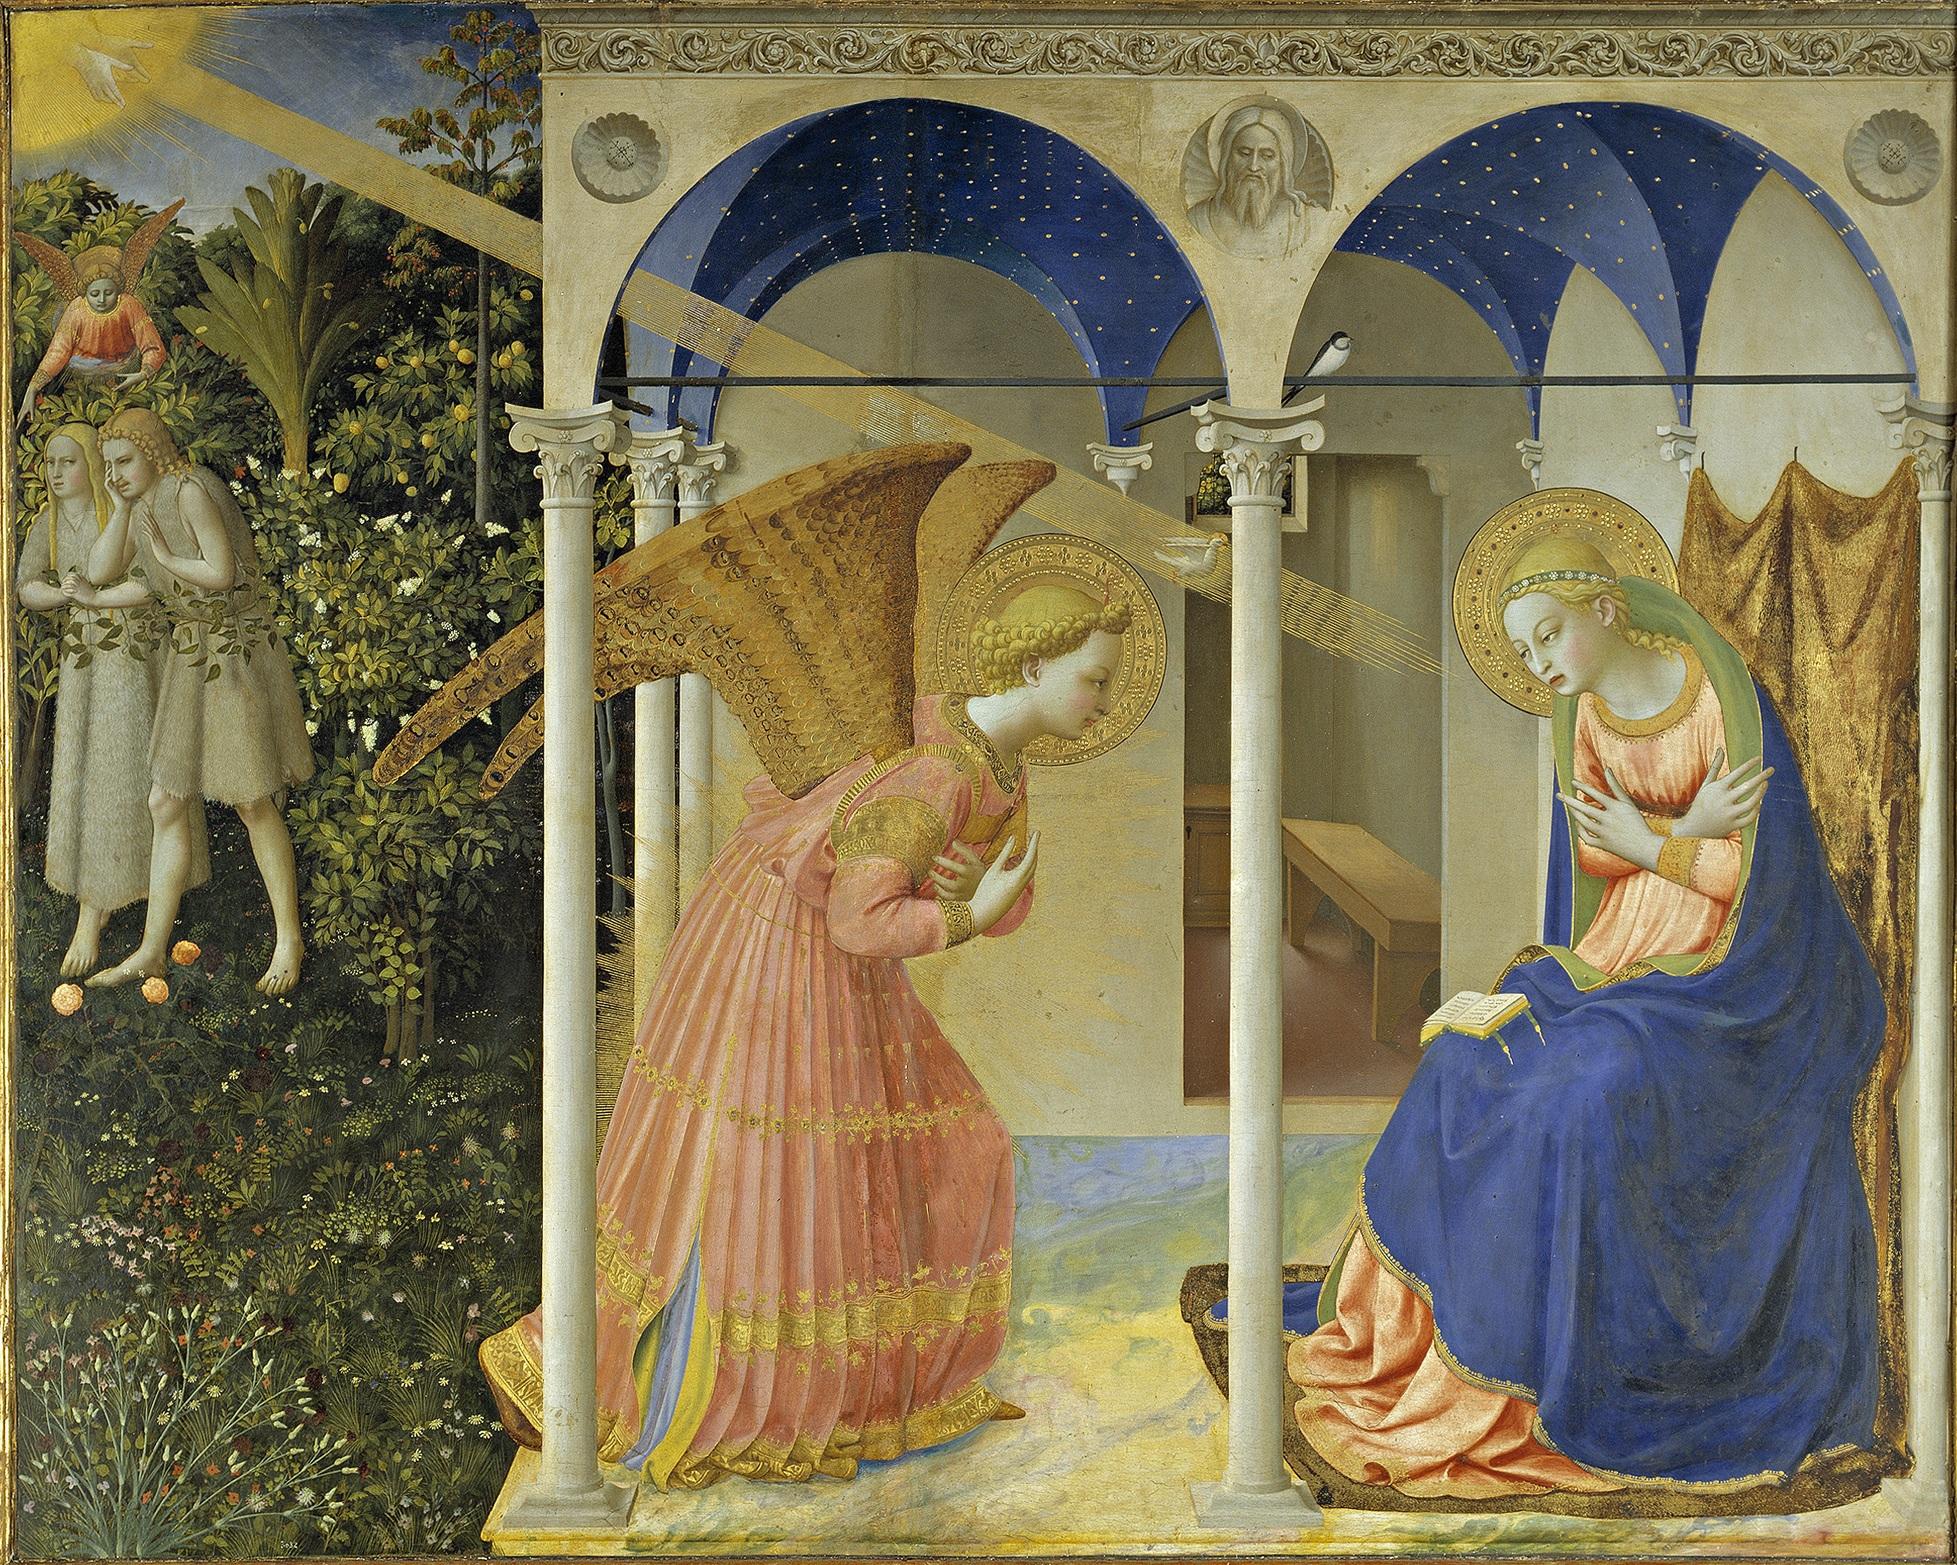 Fra Angélico Anunciación 1